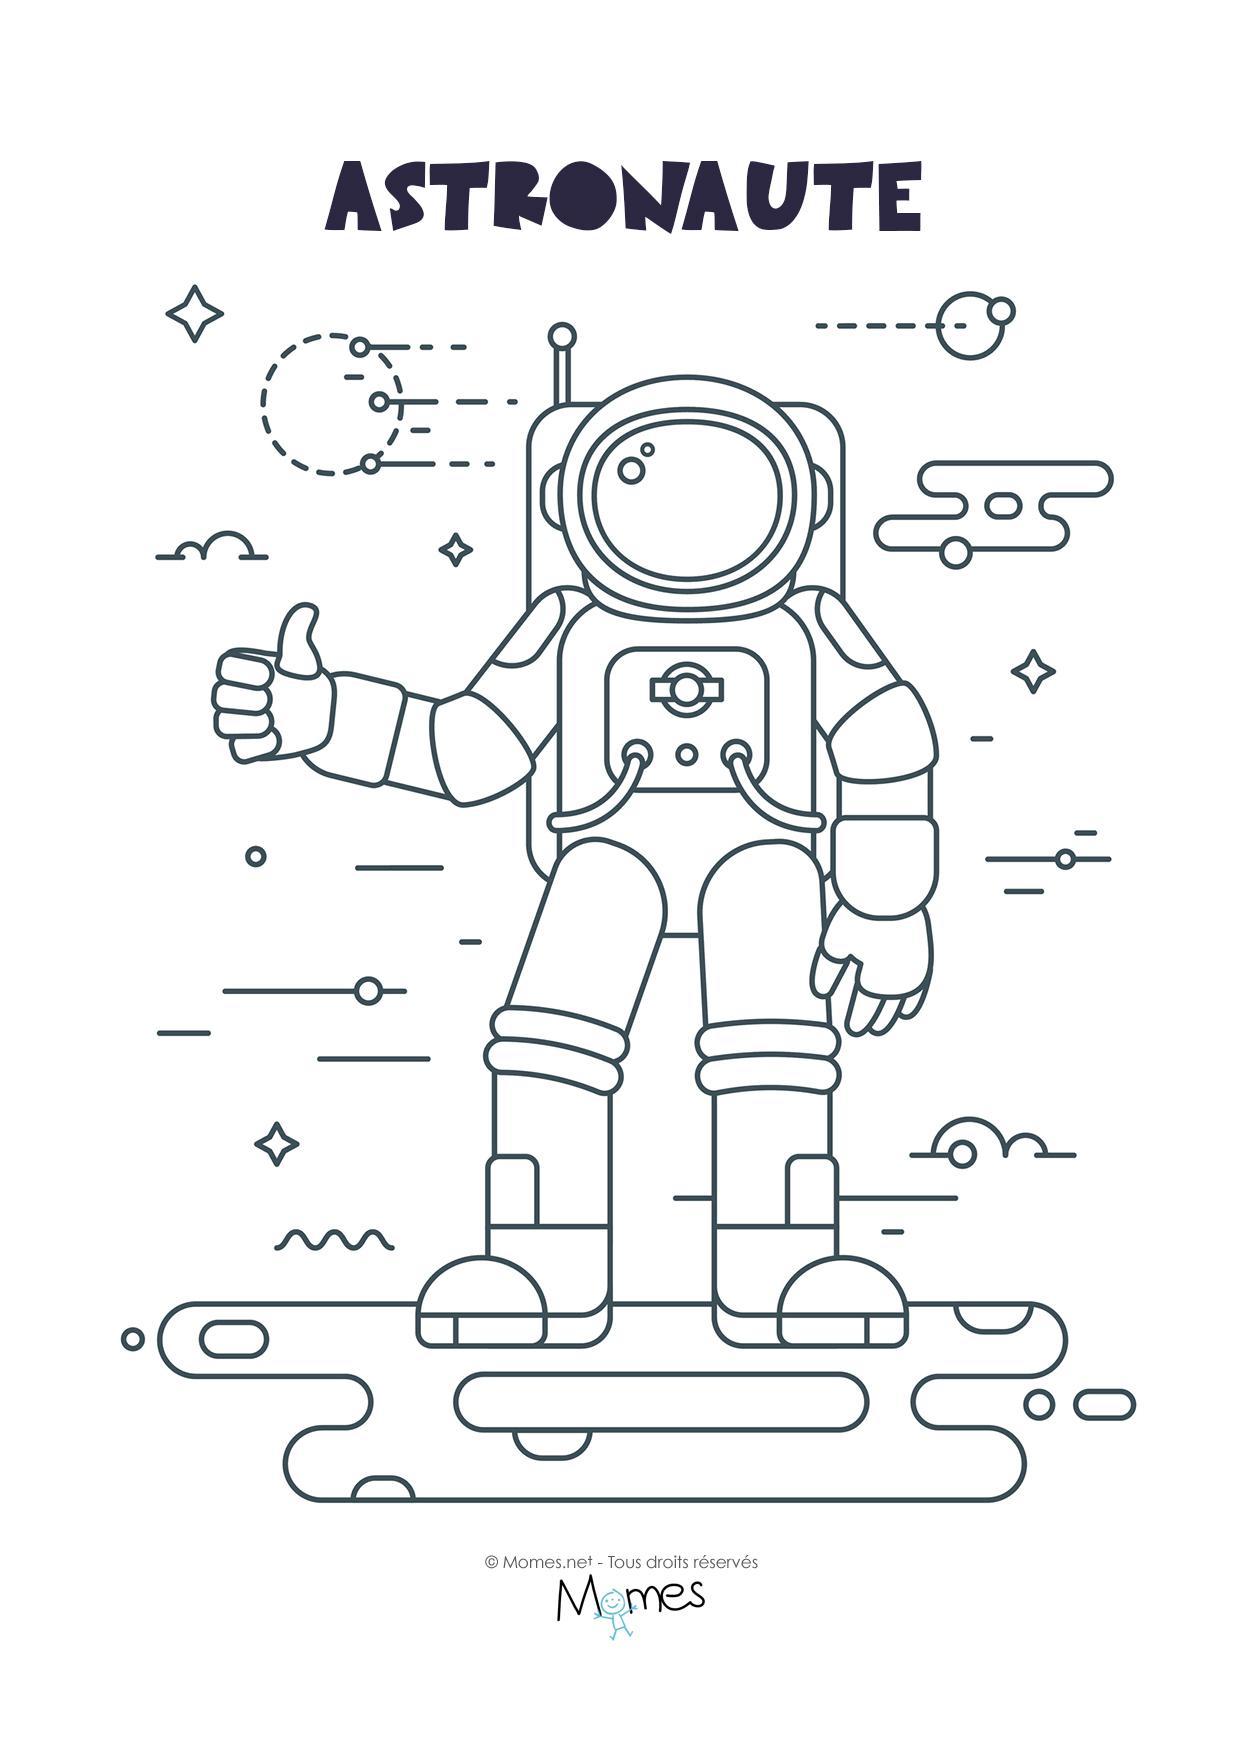 Coloriage Astronaute - Momes serapportantà Coloriage Astronaute